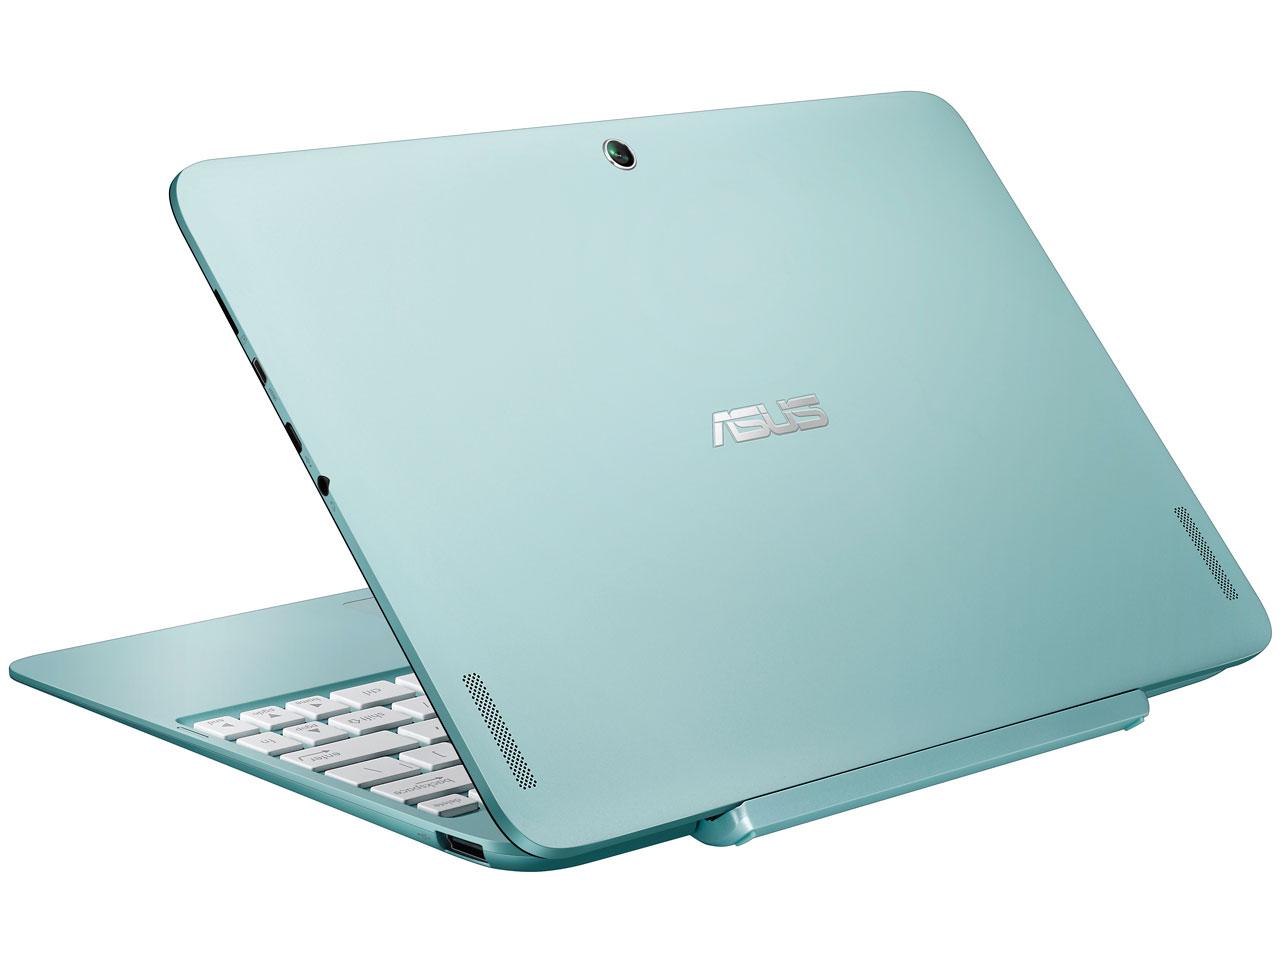 『本体 背面 斜め1』 ASUS TransBook T100HA T100HA-BLUE [アクアブルー] の製品画像